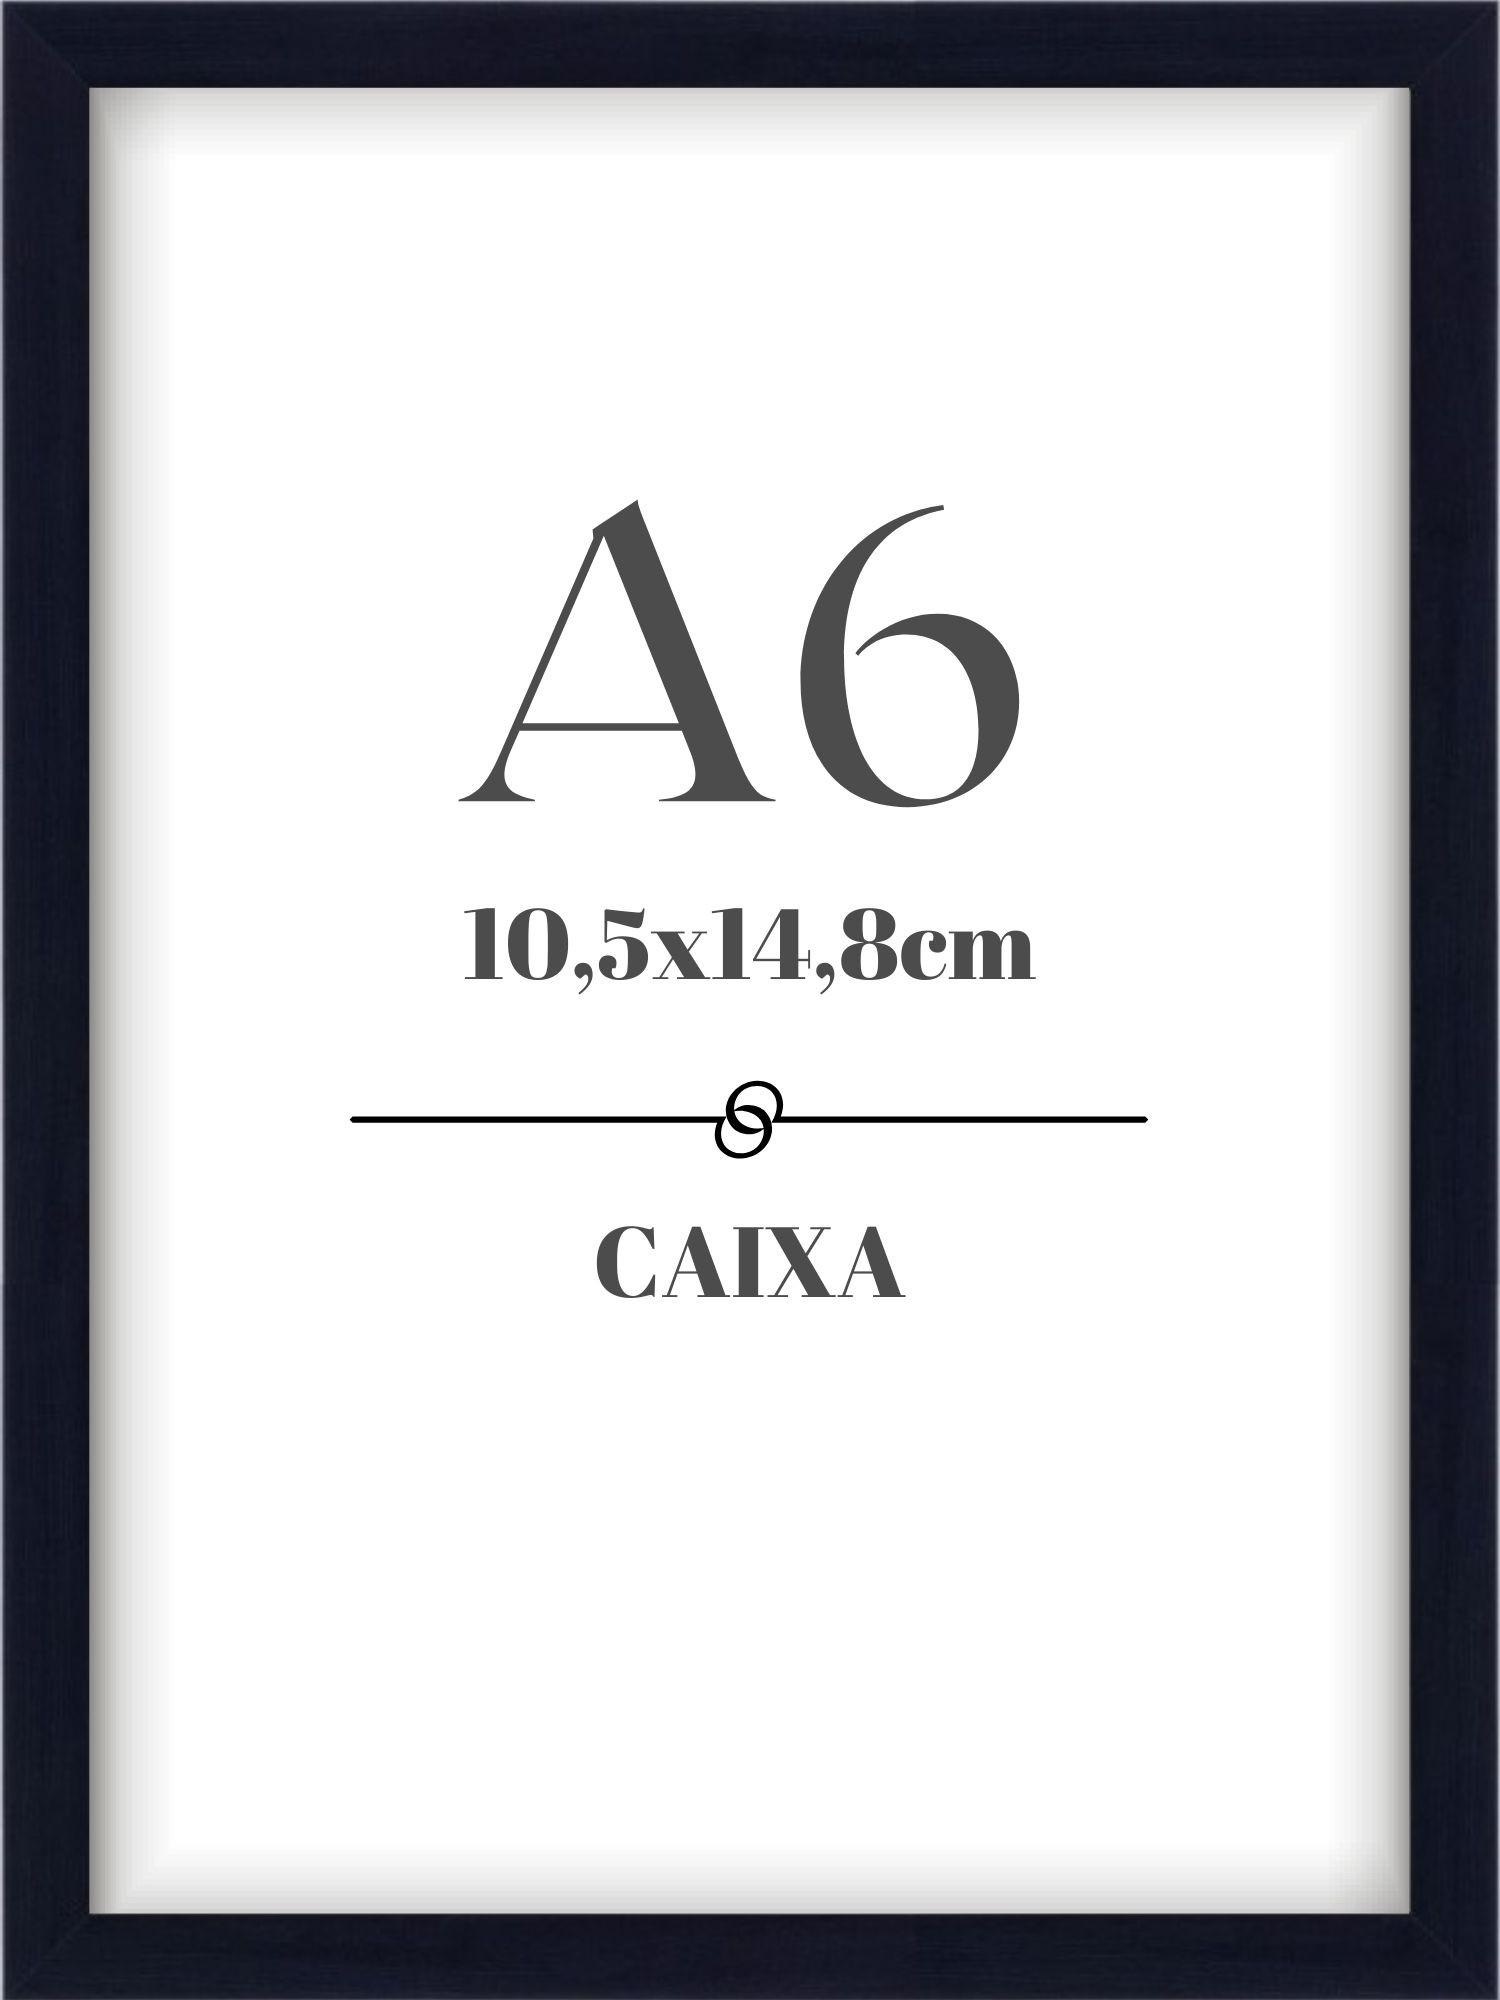 Moldura Caixa - A6